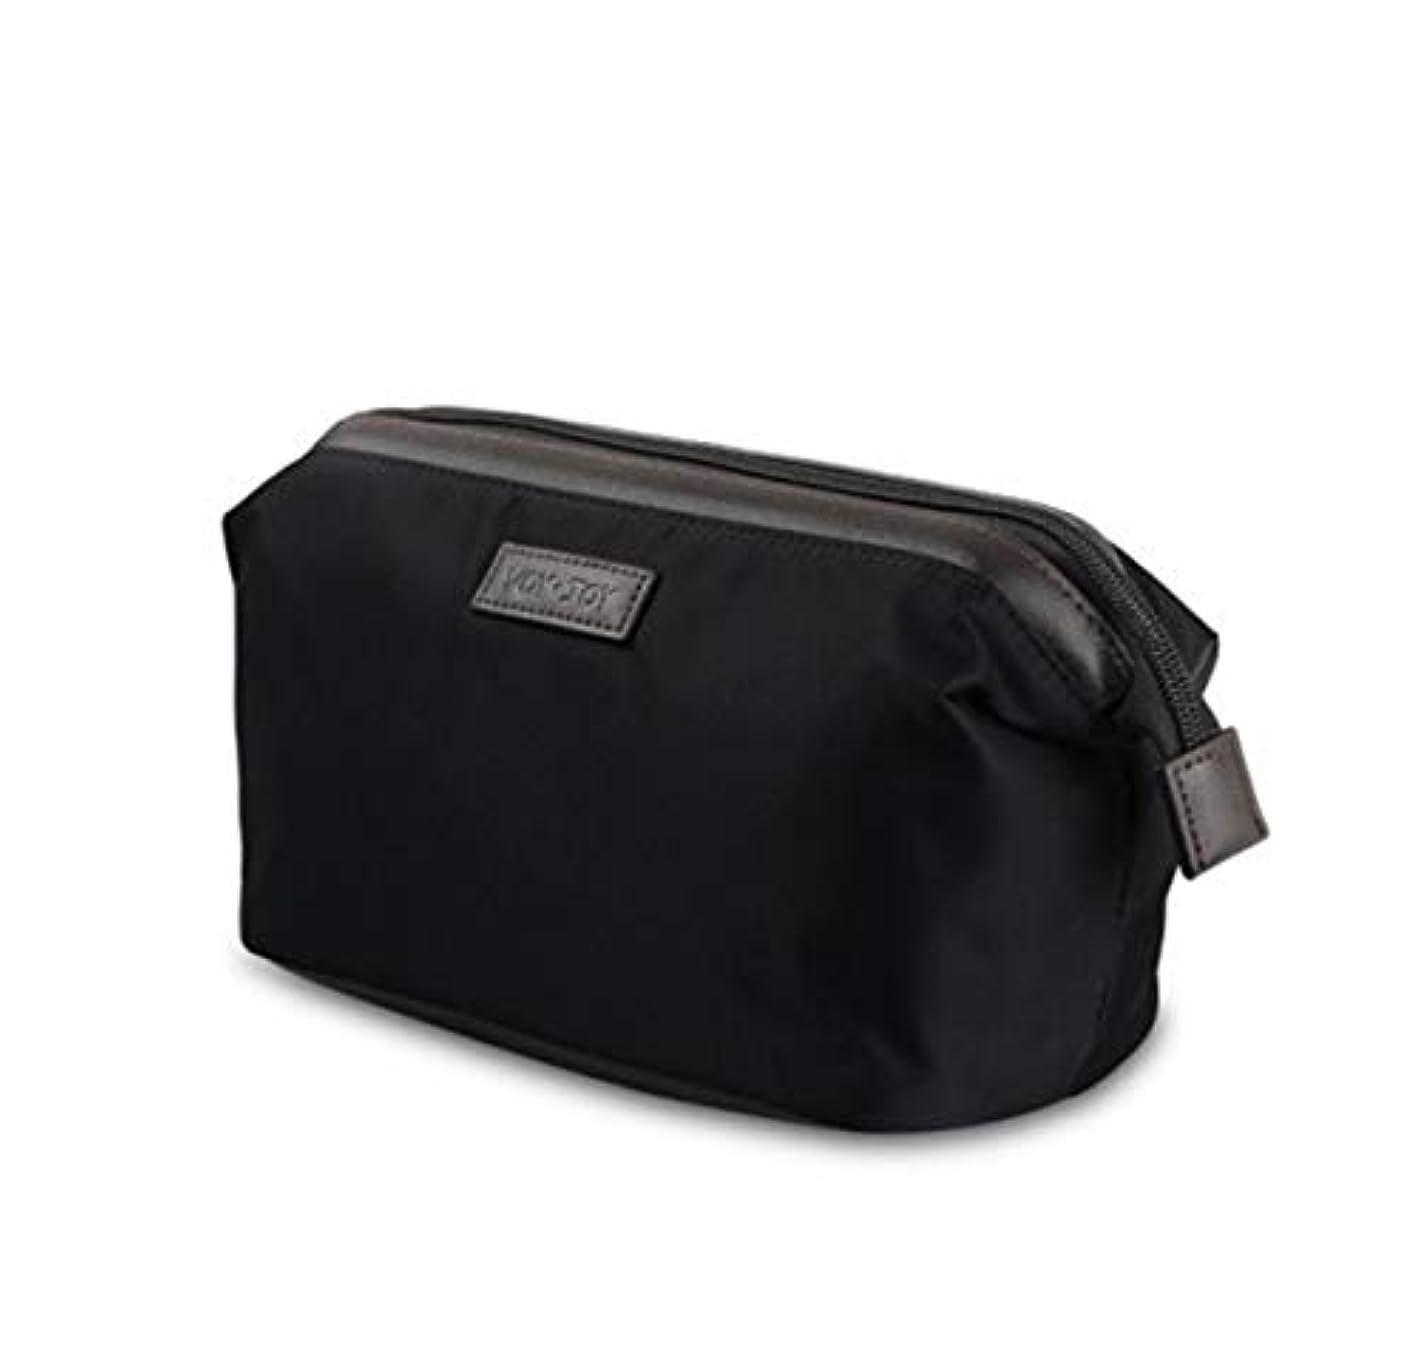 汚す動脈感動するJiabei トラベルウォッシュ収納袋防水男性と女性ポータブル仕上げ化粧品のバッグ旅行ビジネスホーム (色 : 黒)